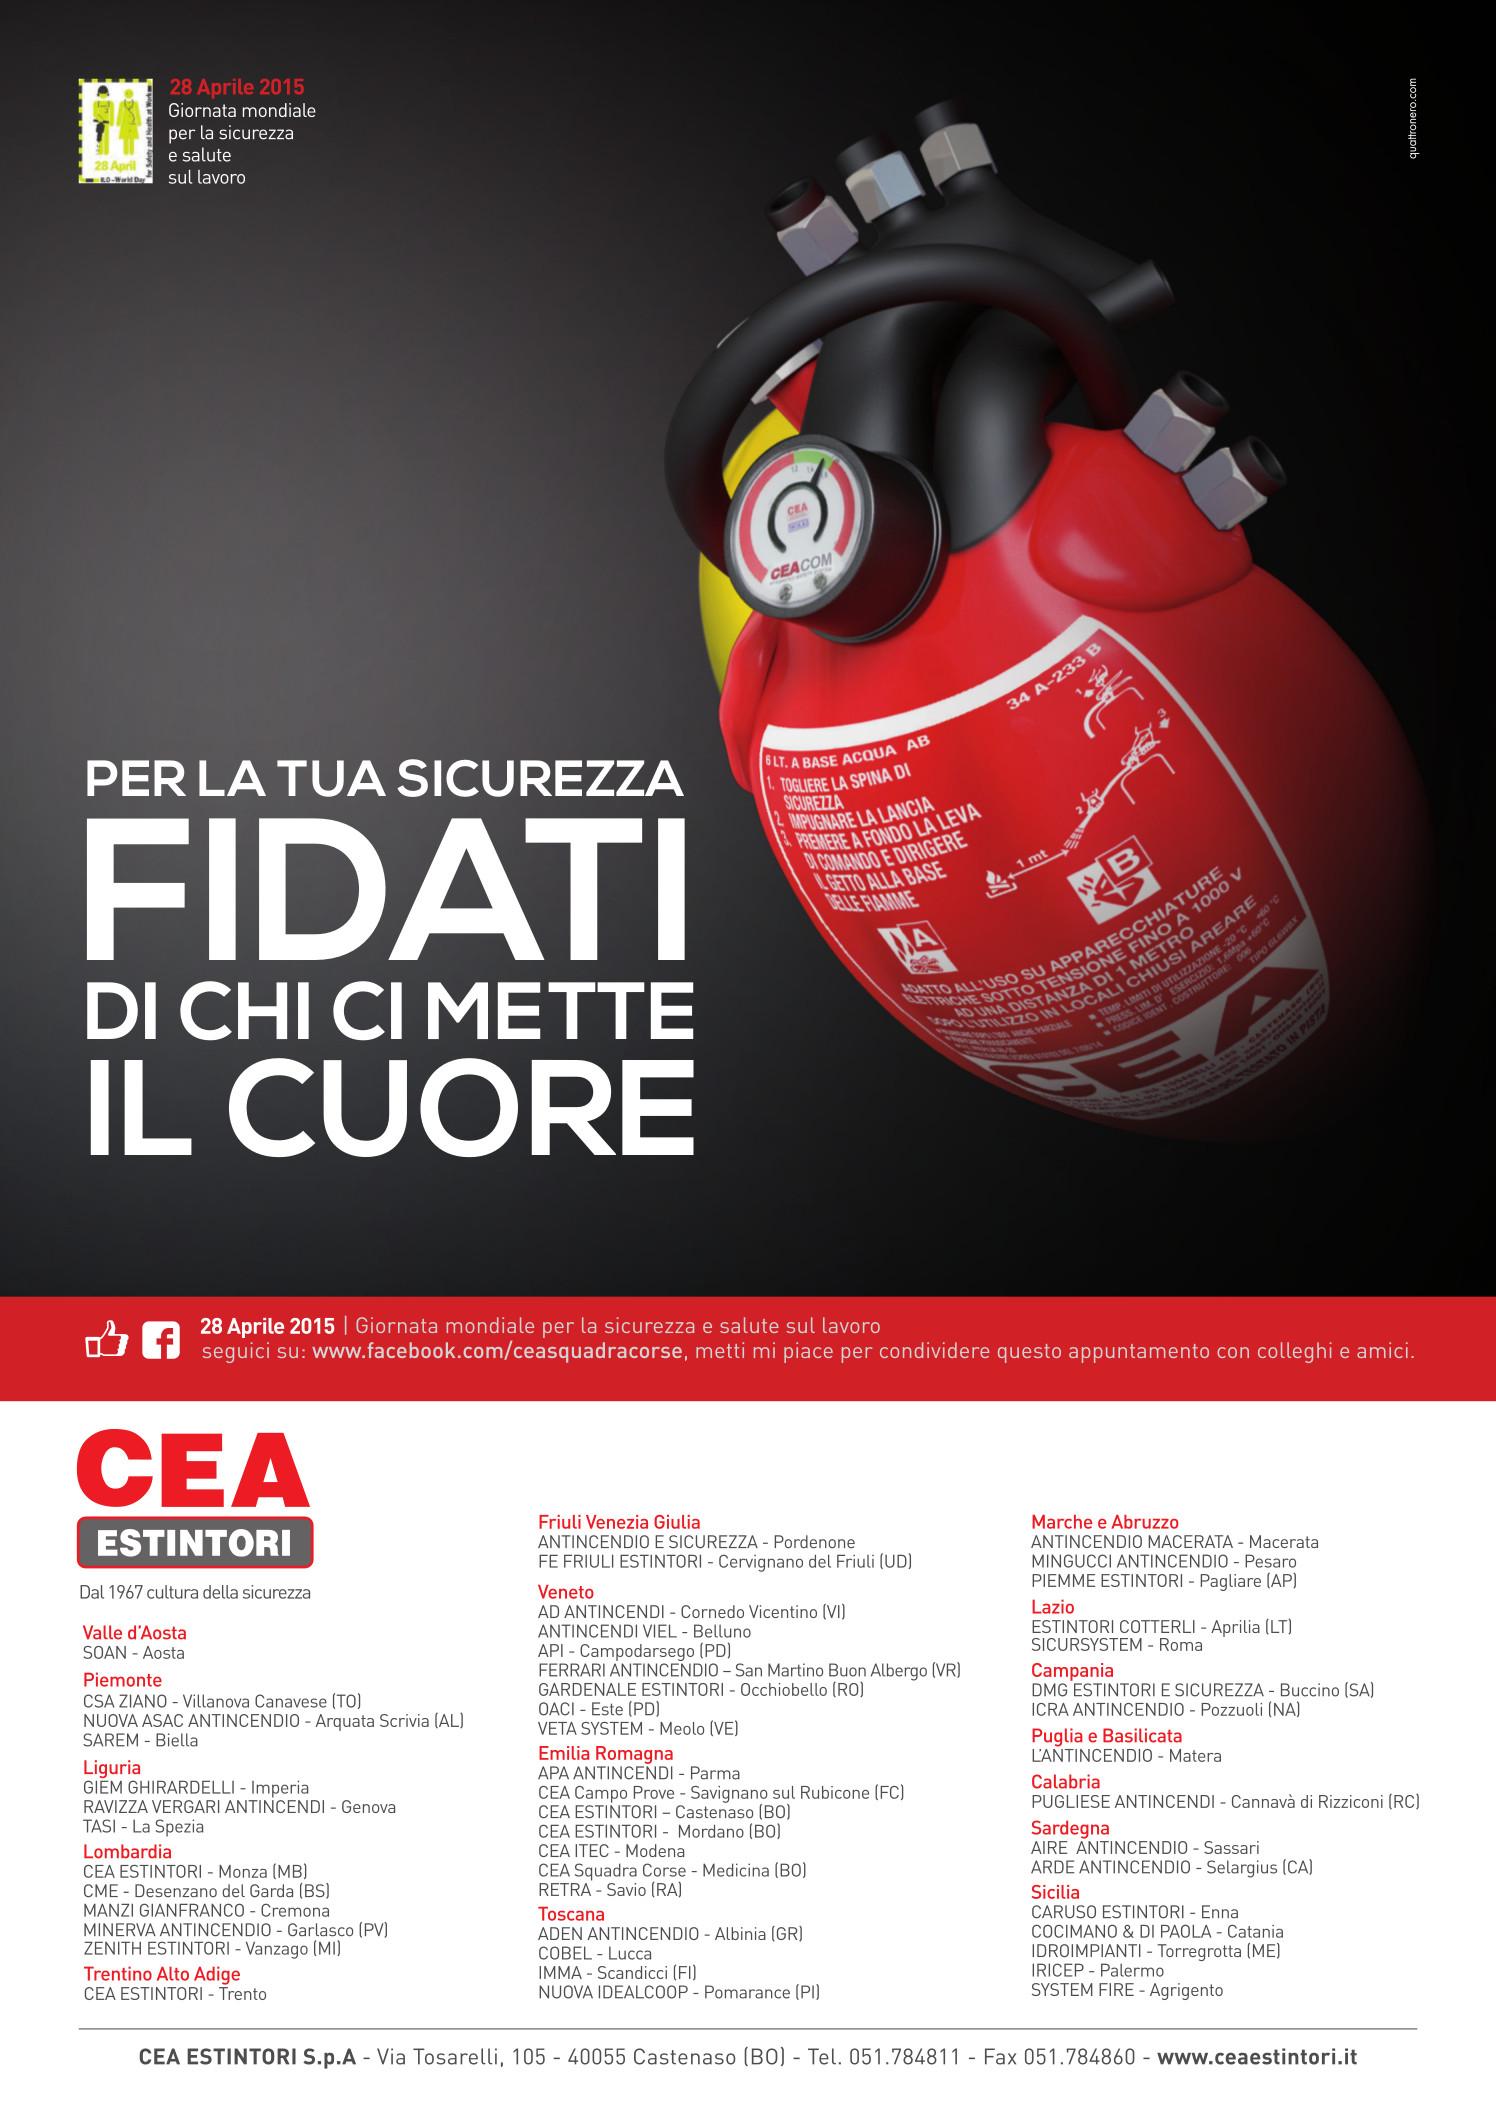 Mondiale della sicurezza e salute sul lavoro | www.ceaestintori.it